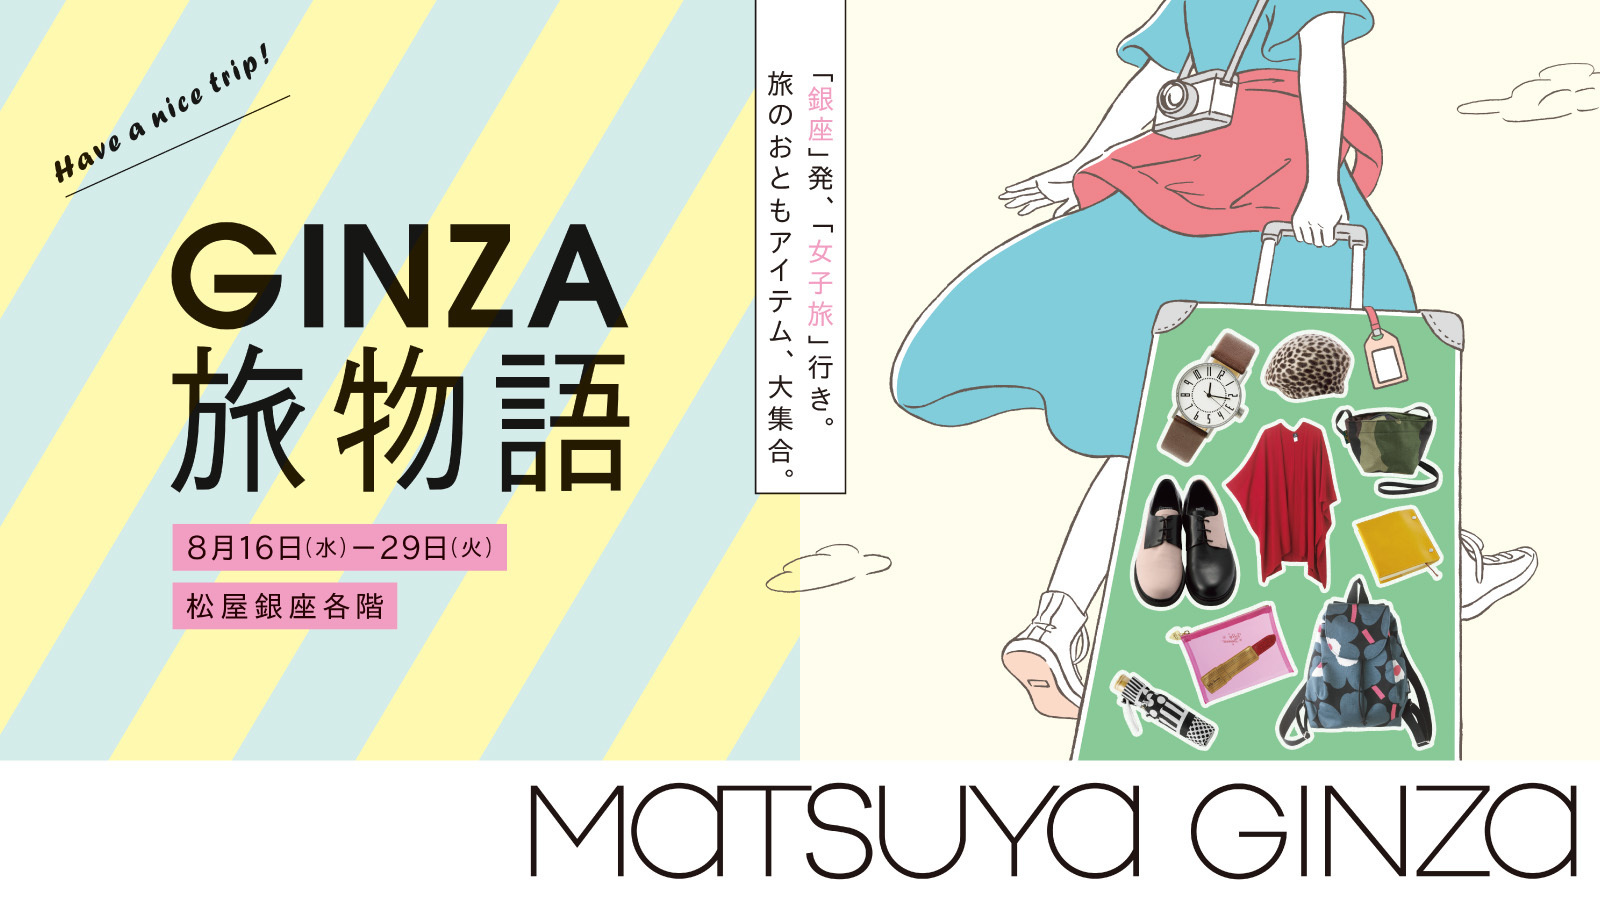 松屋銀座 GINZA旅物語 イメージ画像